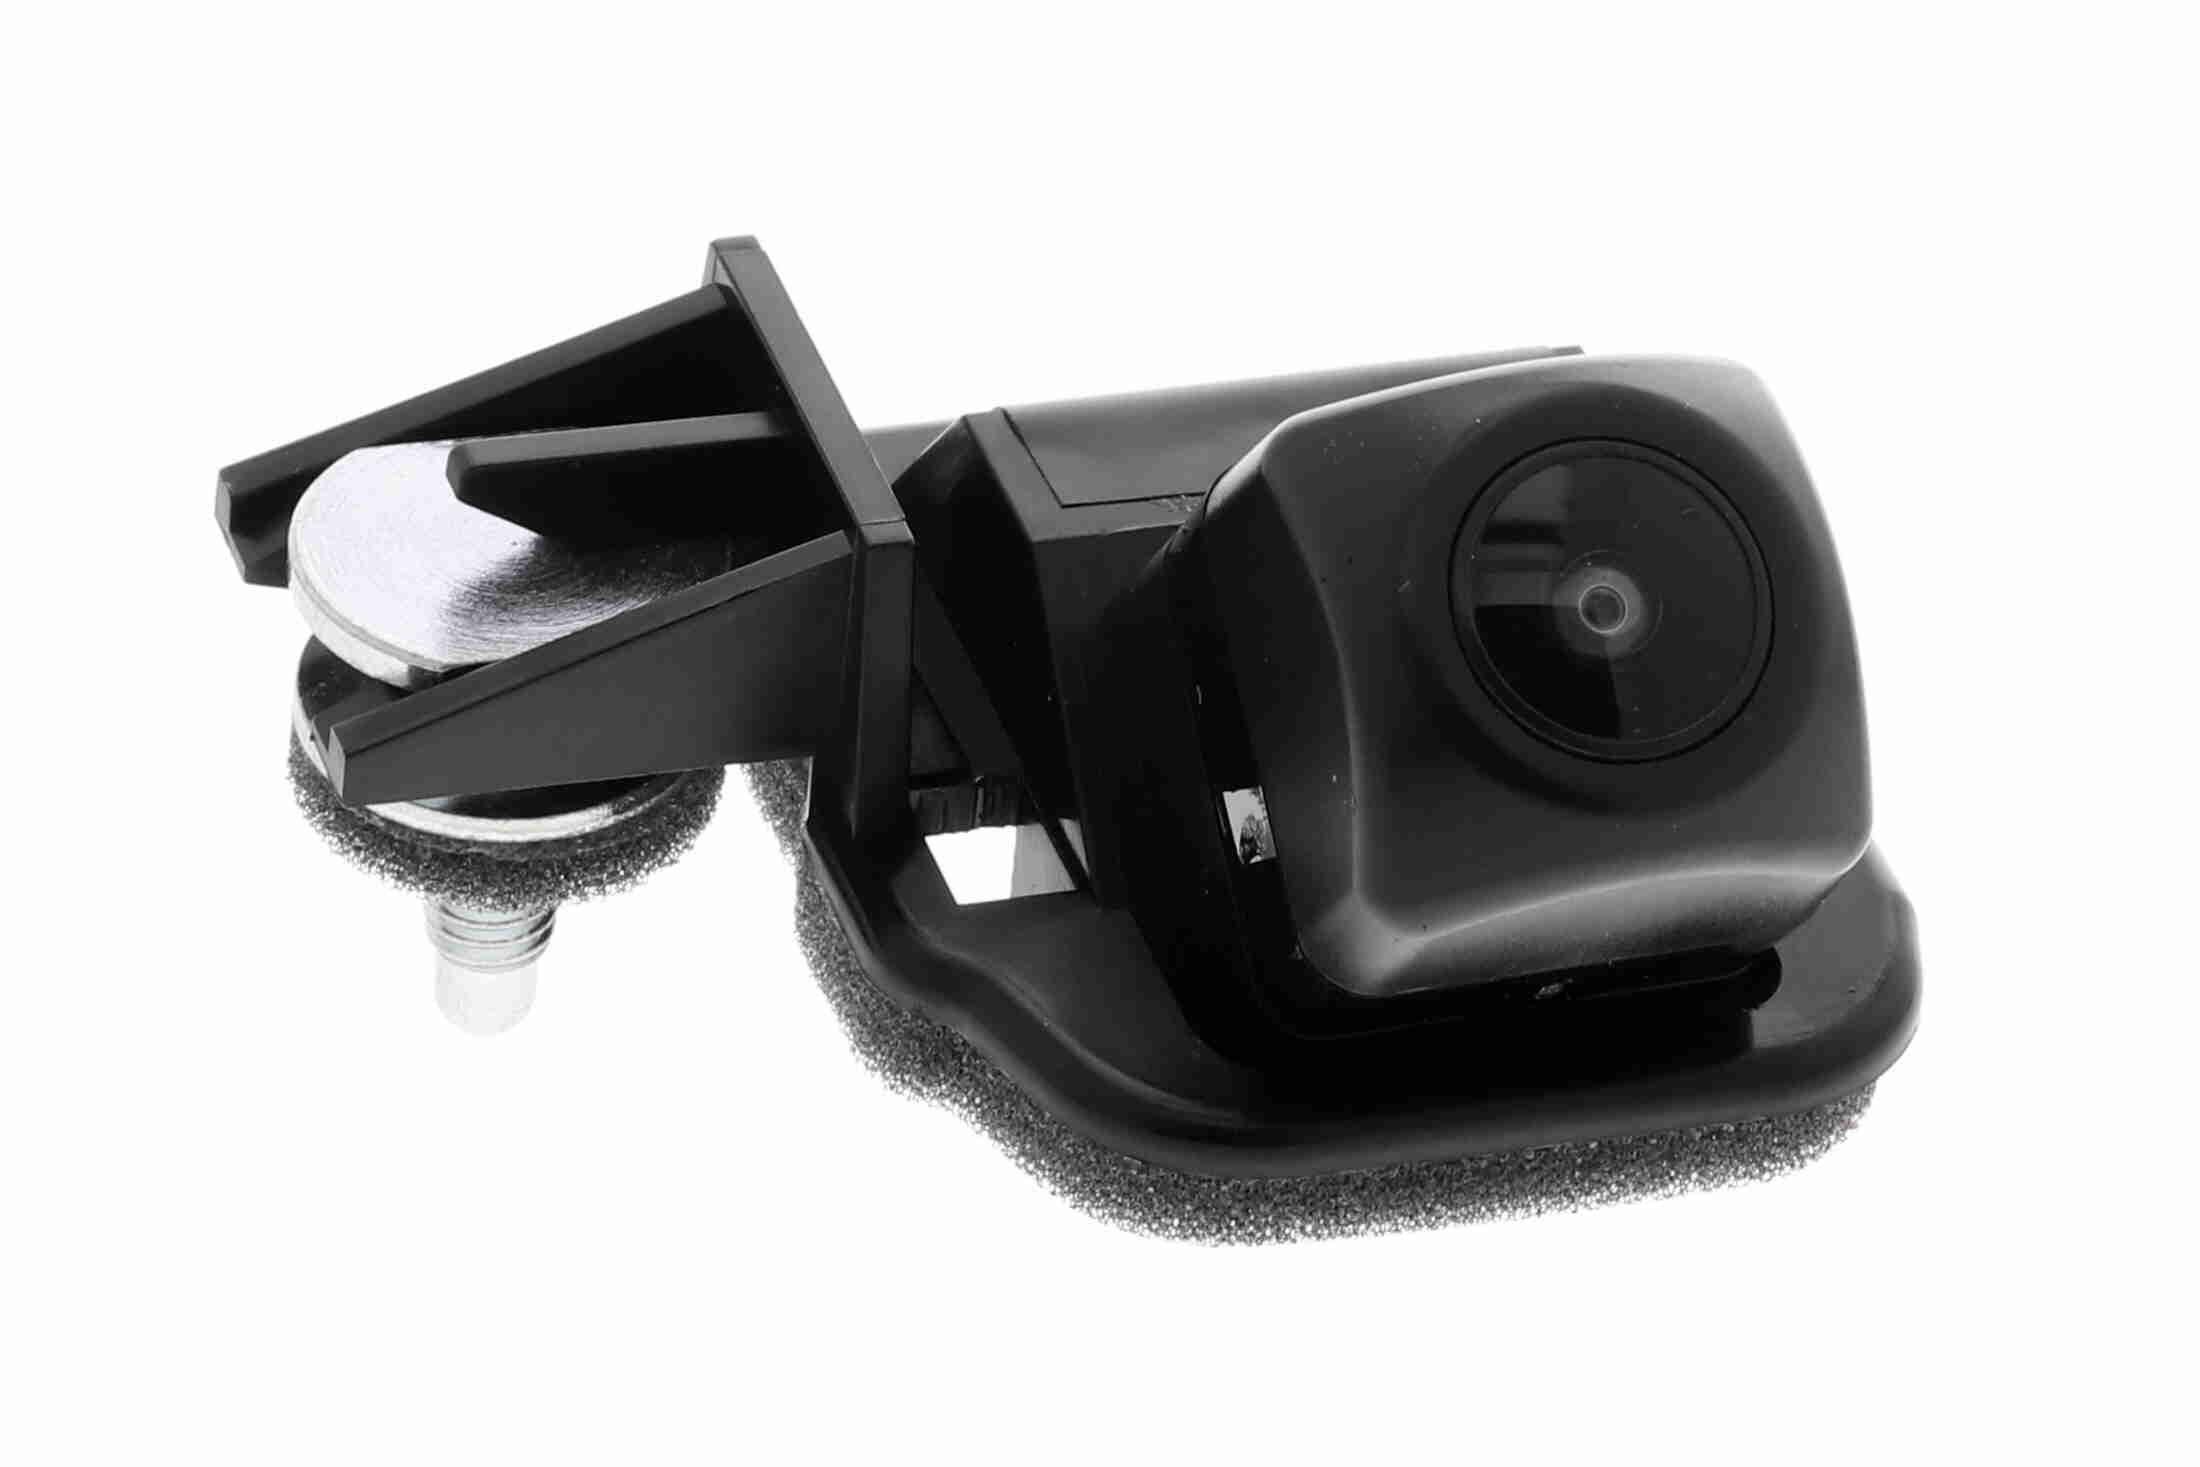 ACKOJA A70-74-0012 Rückwärtskamera für Auto niedrige Preise - Jetzt kaufen!